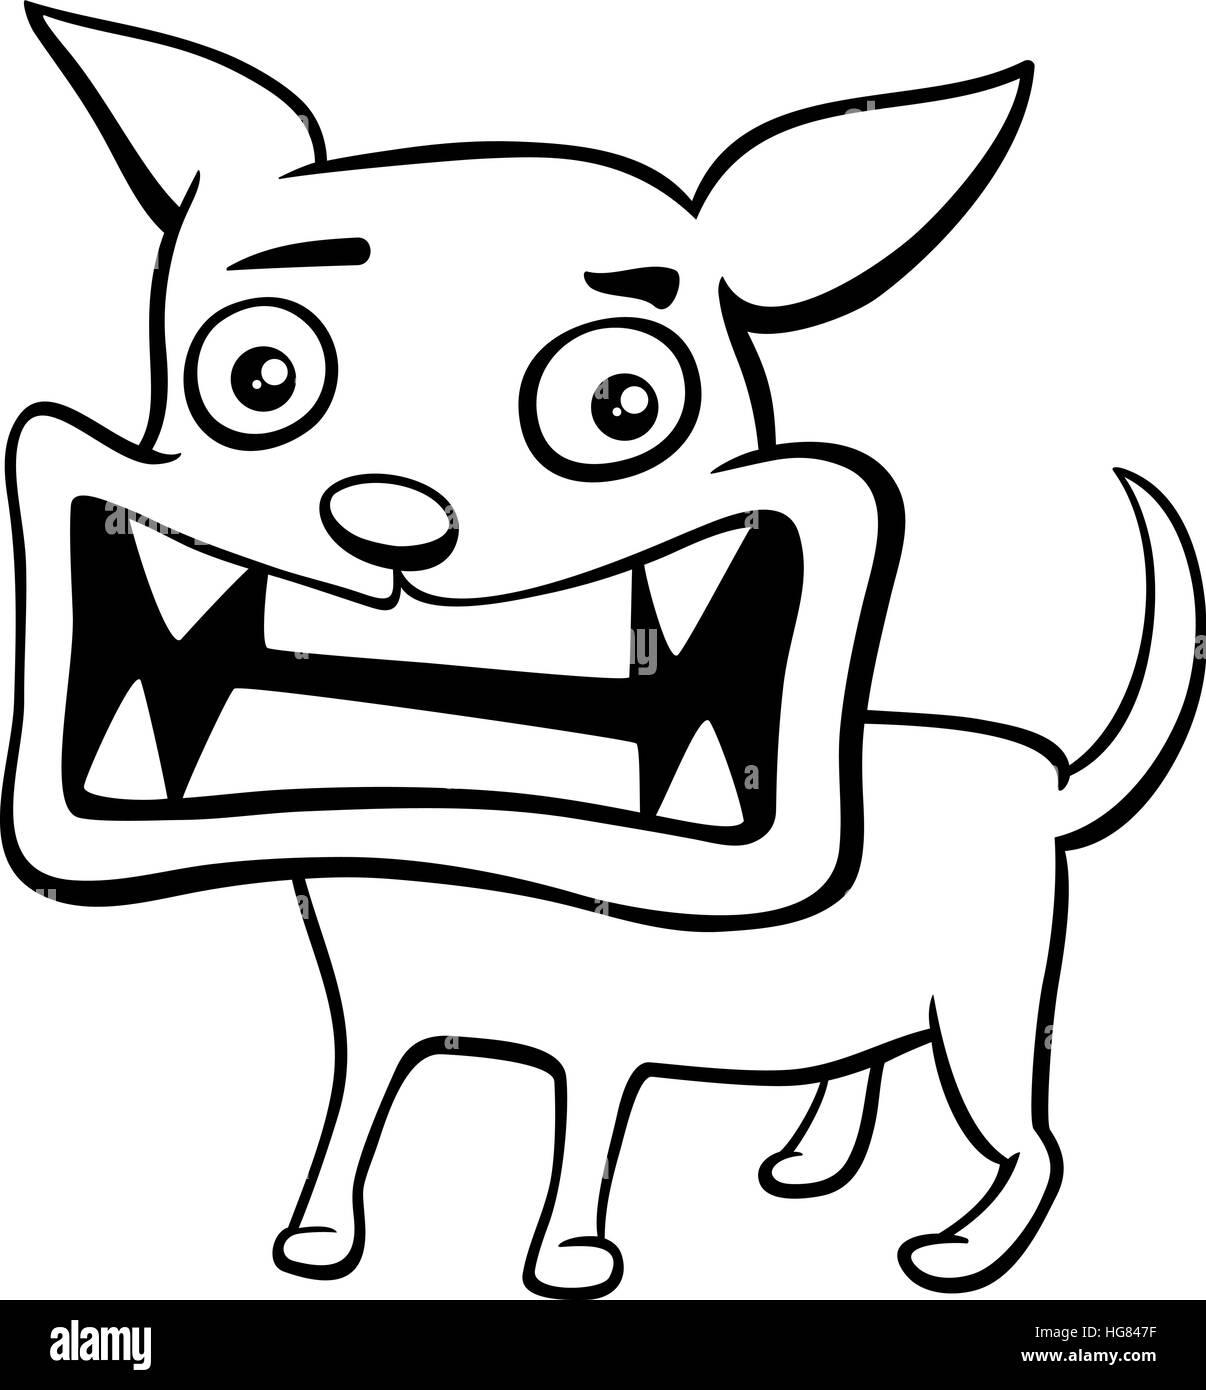 Schwarz / Weiß Cartoon Illustration von böser Hund oder Welpe Tier